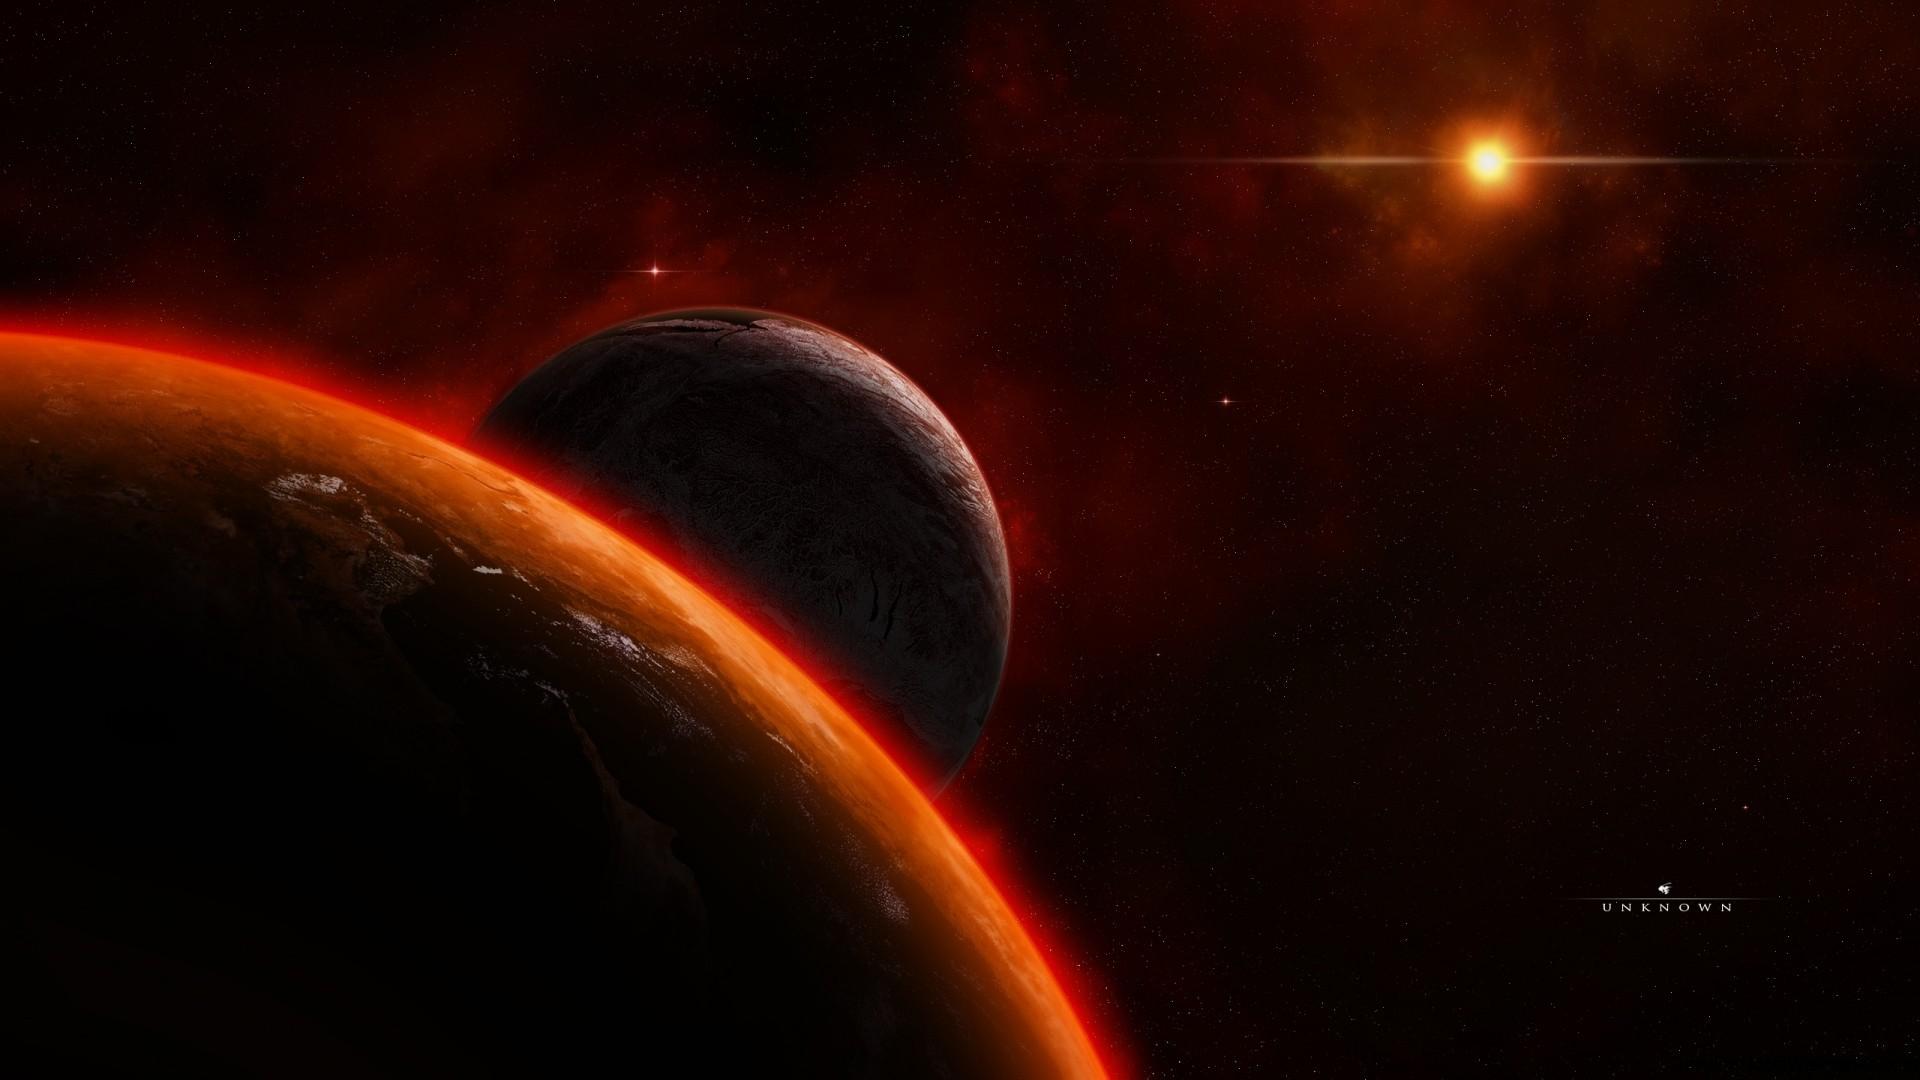 В декабре планета Нибиру может столкнуться с Землей